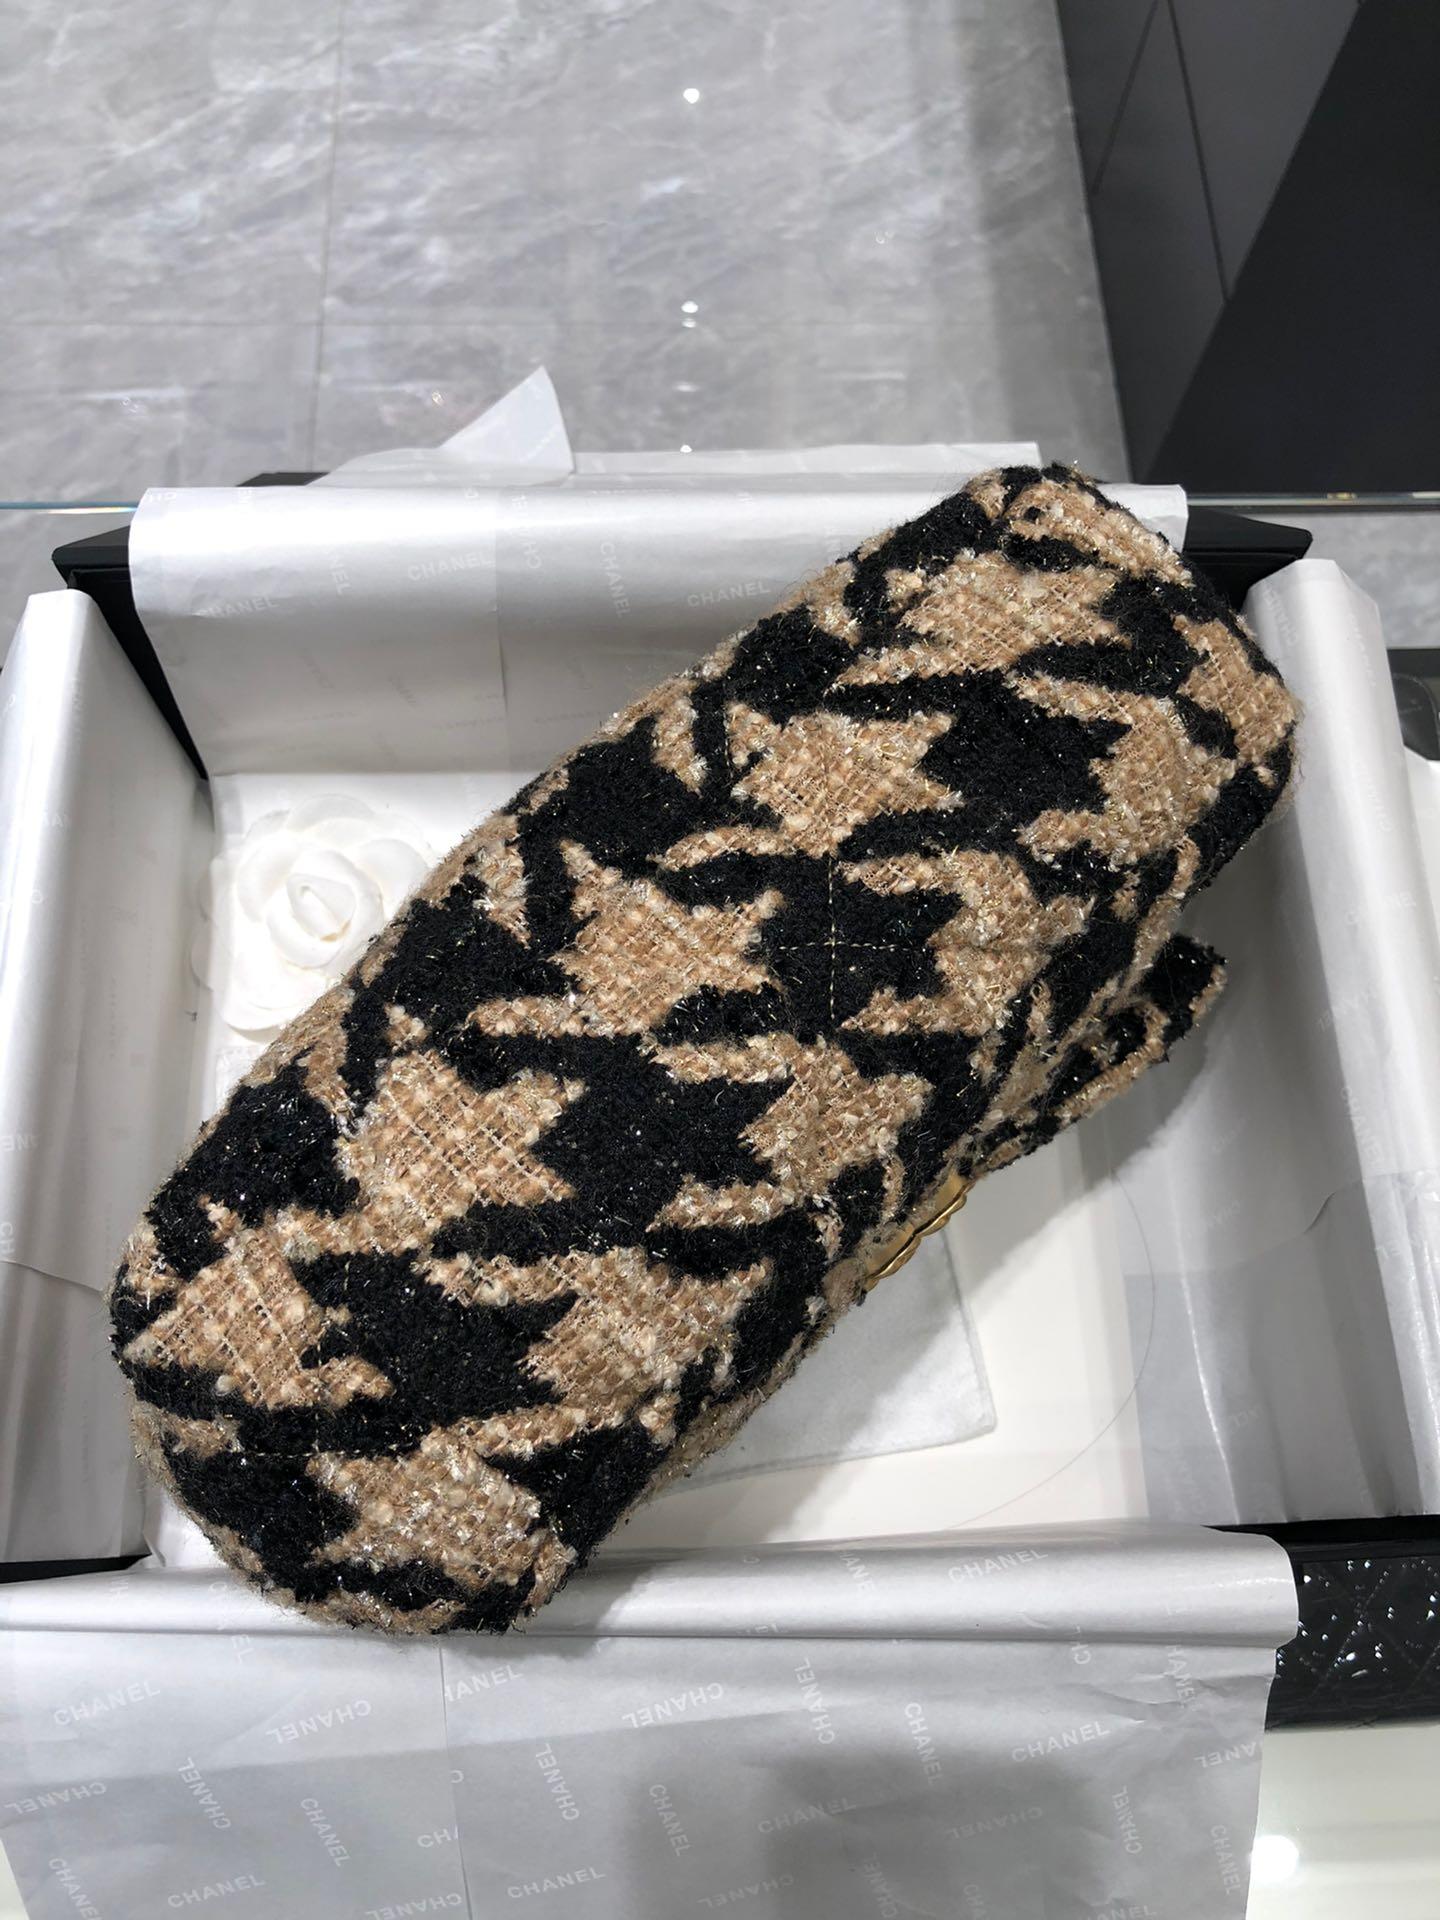 【正品级】 Chanel2019秋冬 千鸟格系列 16*26*9cm 全套包装